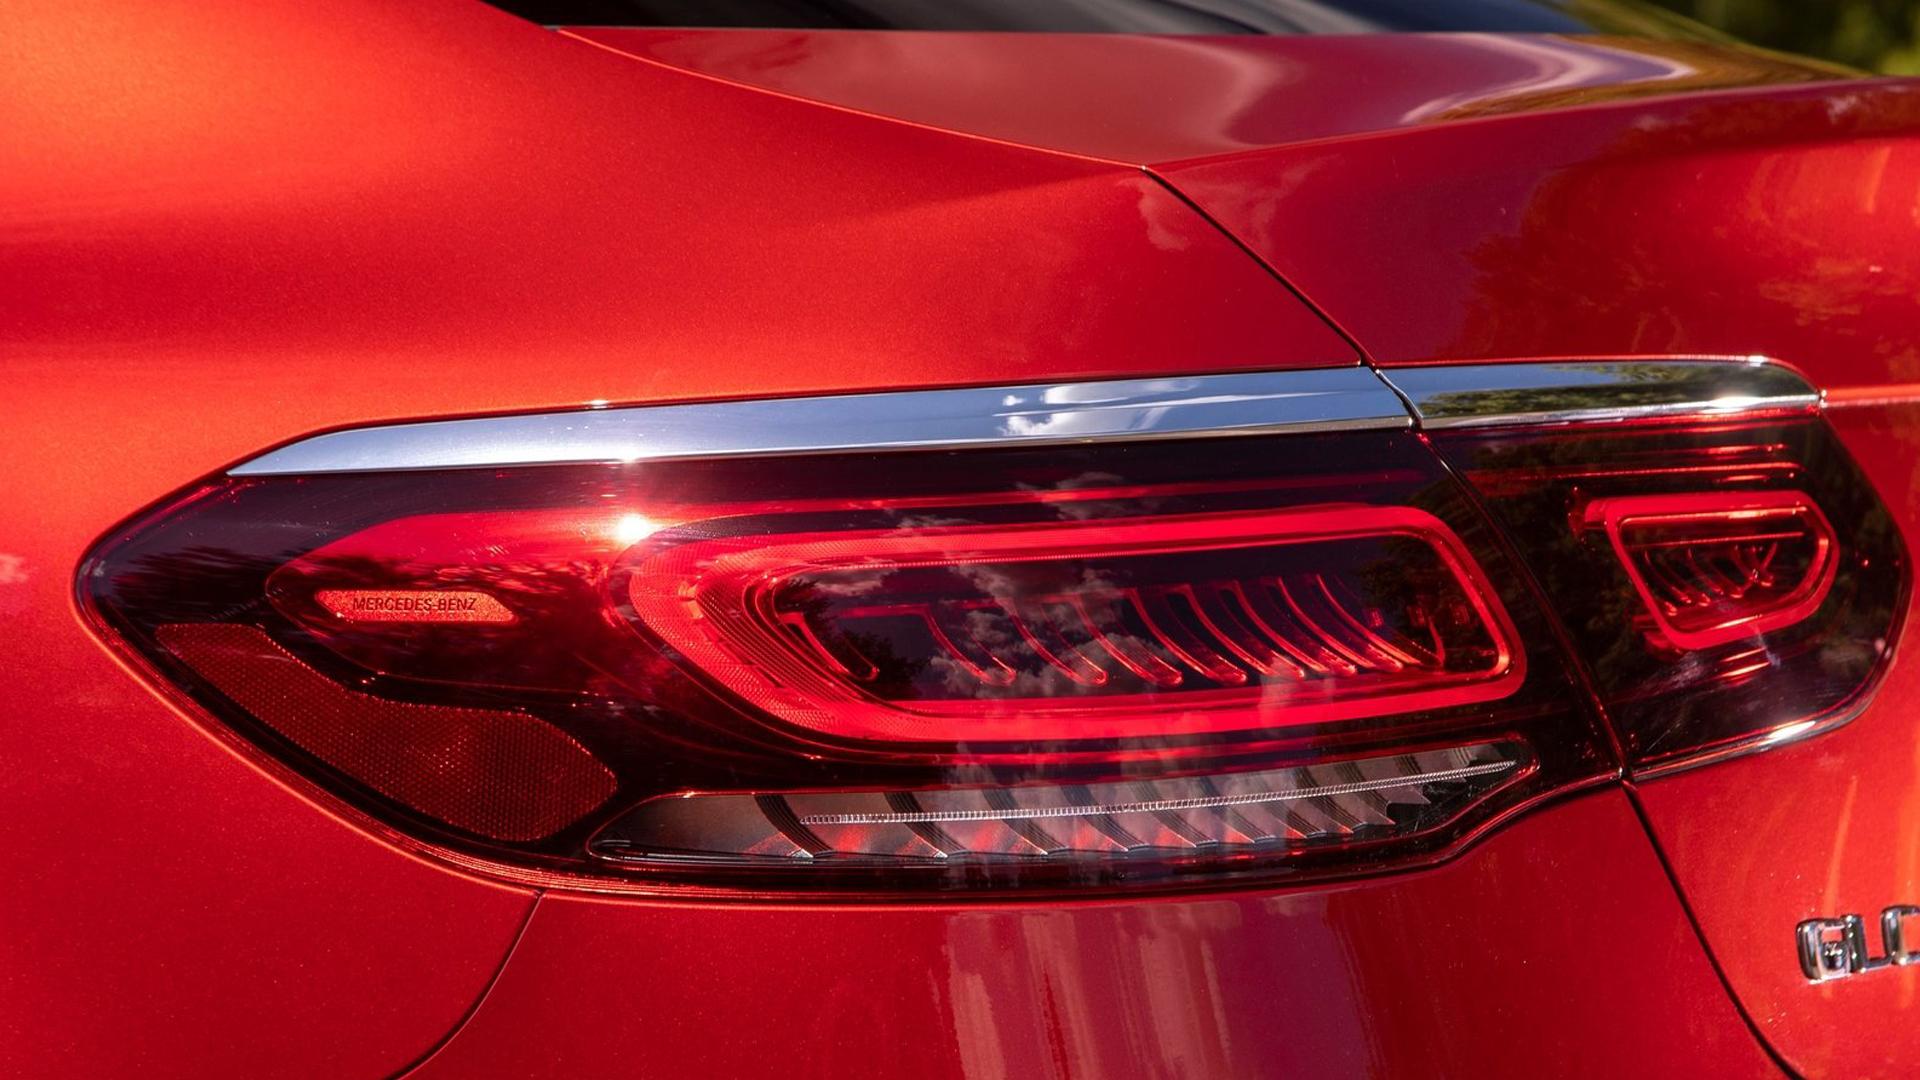 wp_MBleuchte_0001_Mercedes-Benz-GLC_Coupe-2020-1600-99